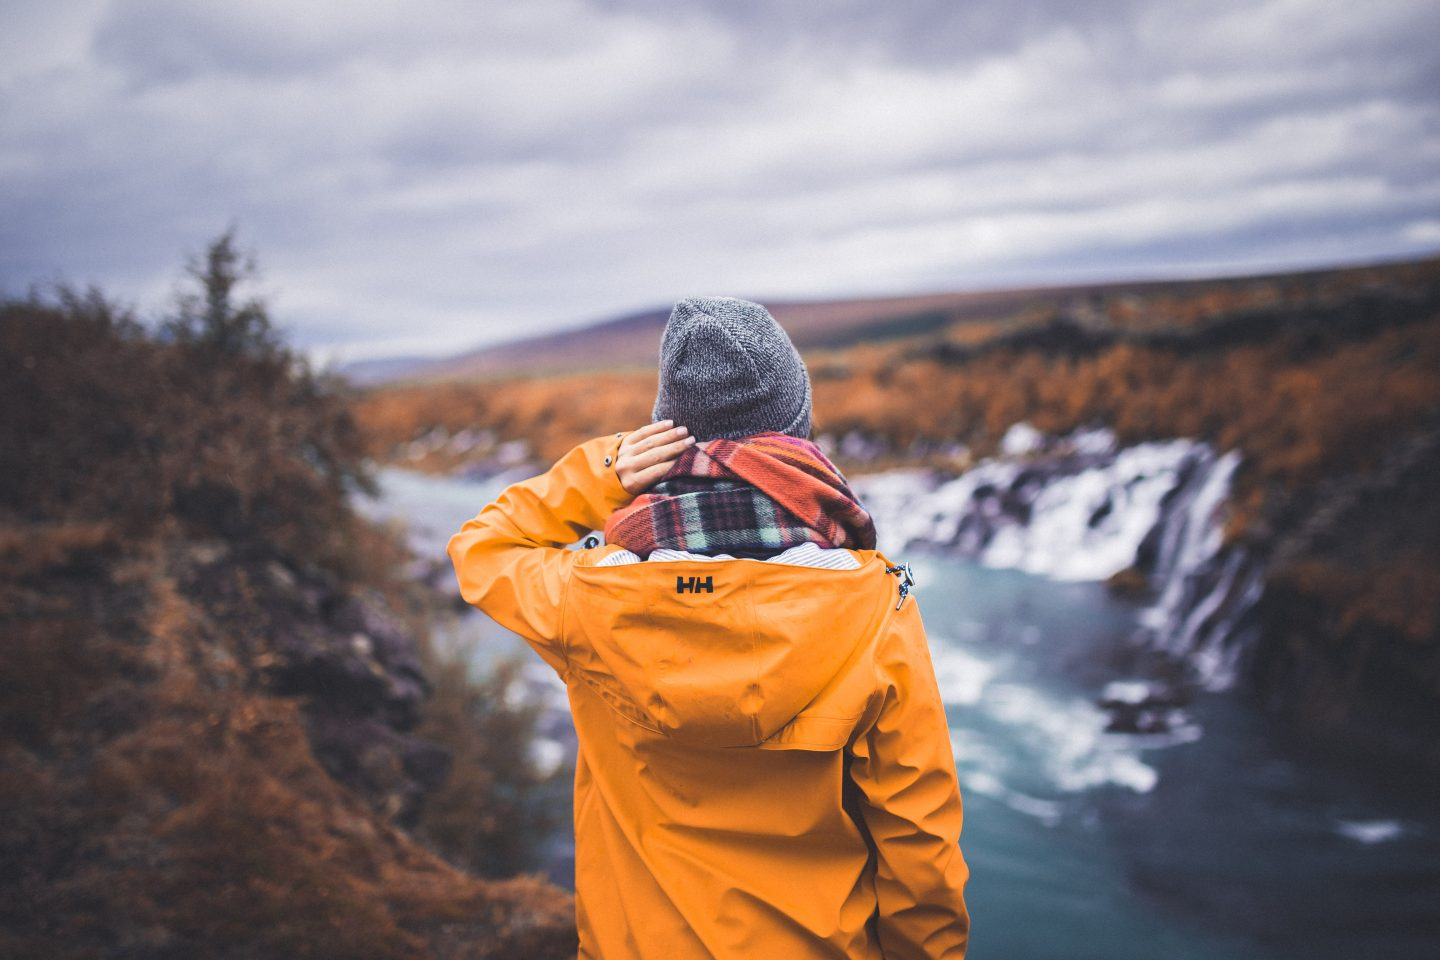 Hraunfossar waterfall, Iceland | @lisahomsy | check out the blogpost on www.lisahomy.com